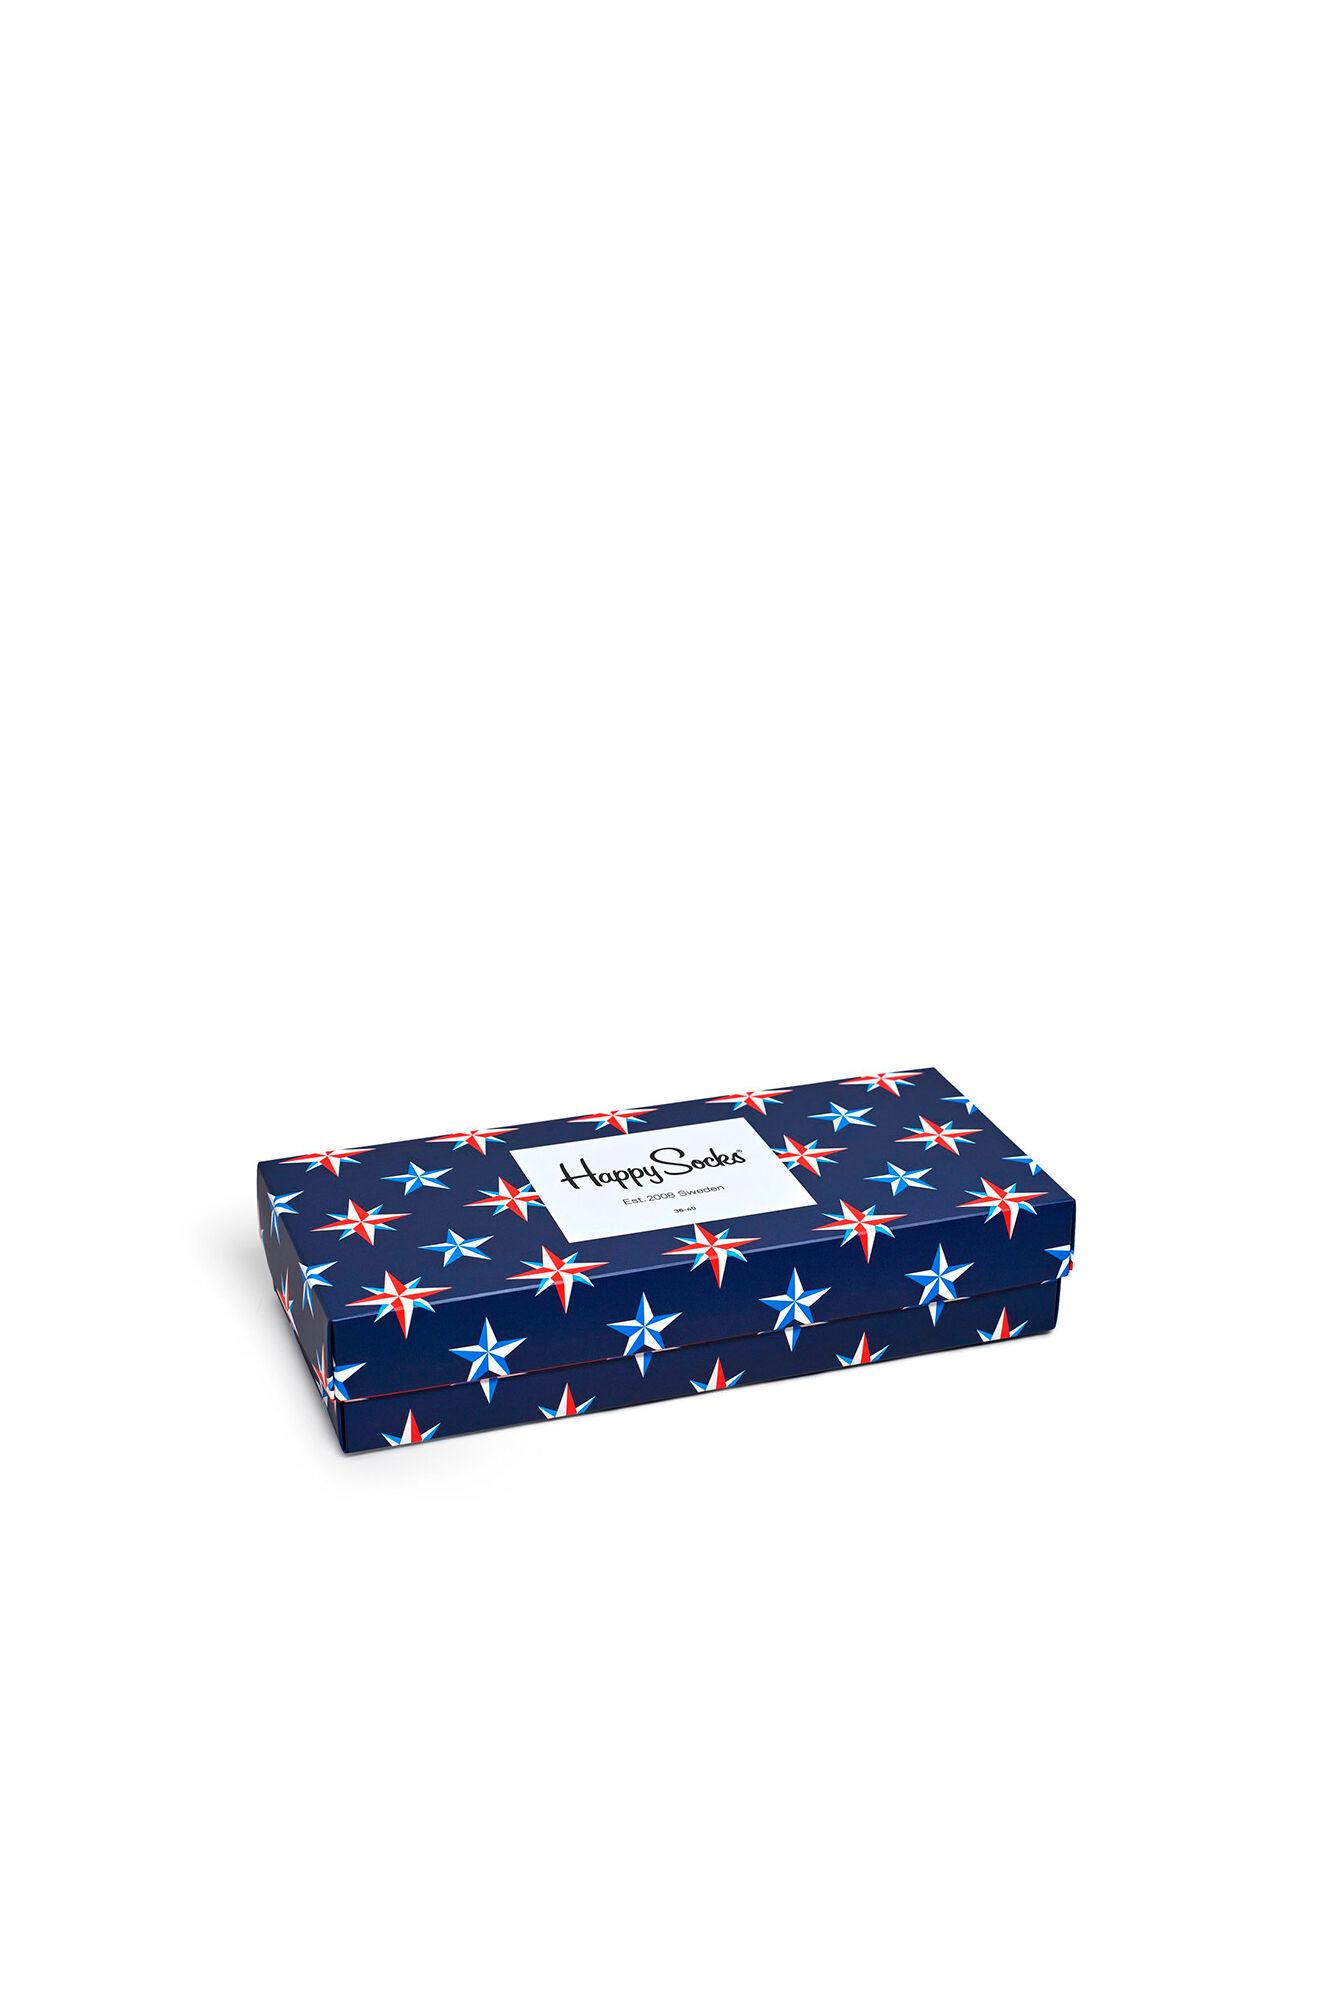 Nautical Gift Box XNAU09, 6000